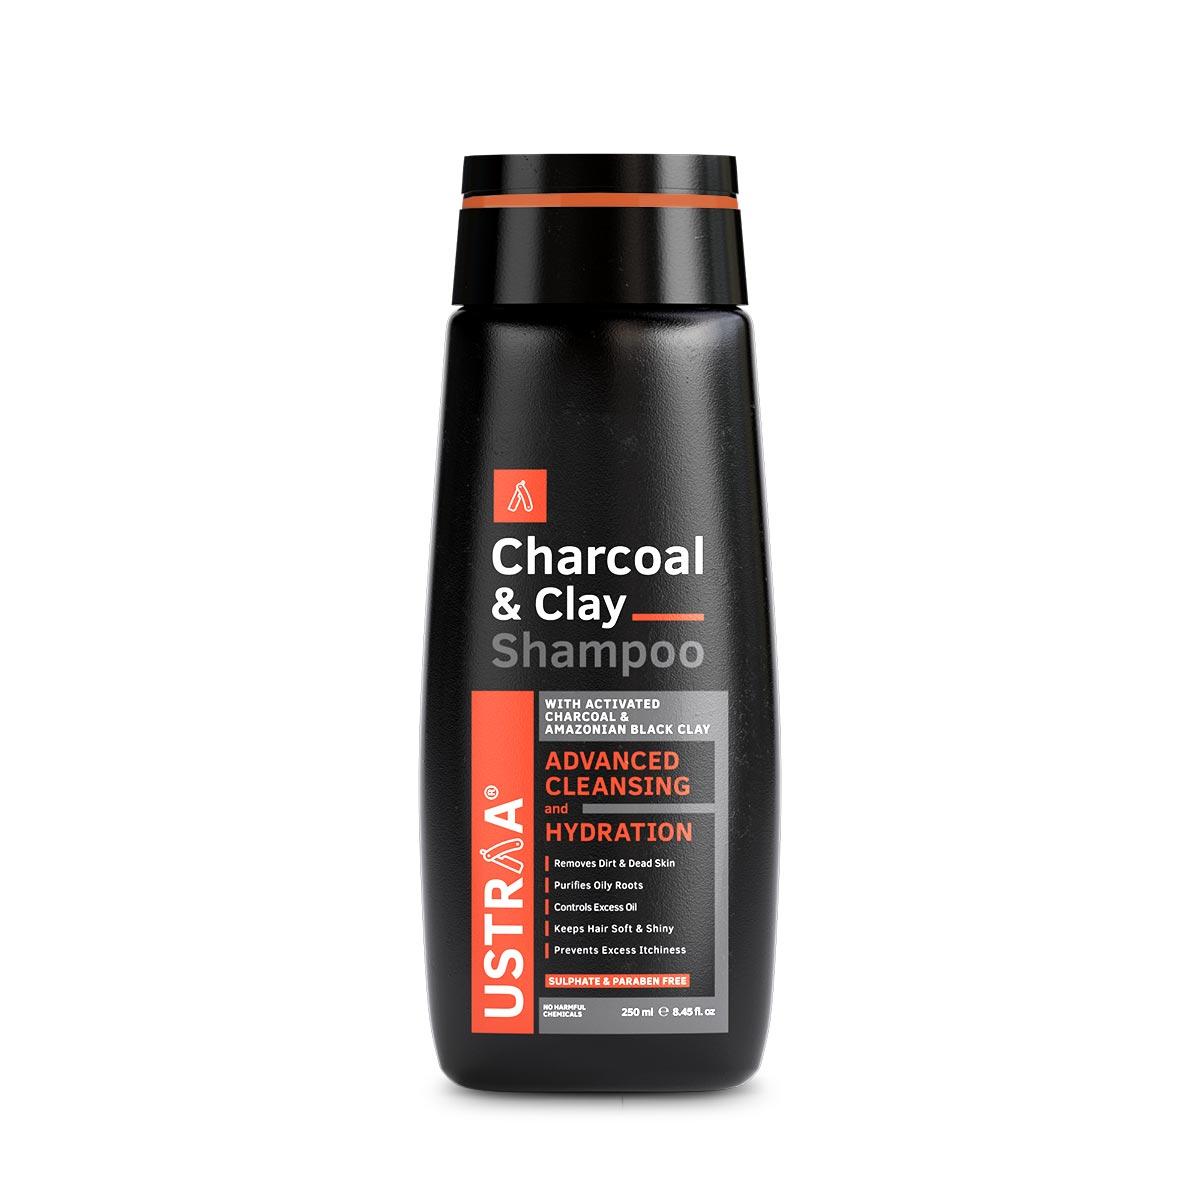 Ustraa | Shampoo - Charcoal & Clay - 250ml